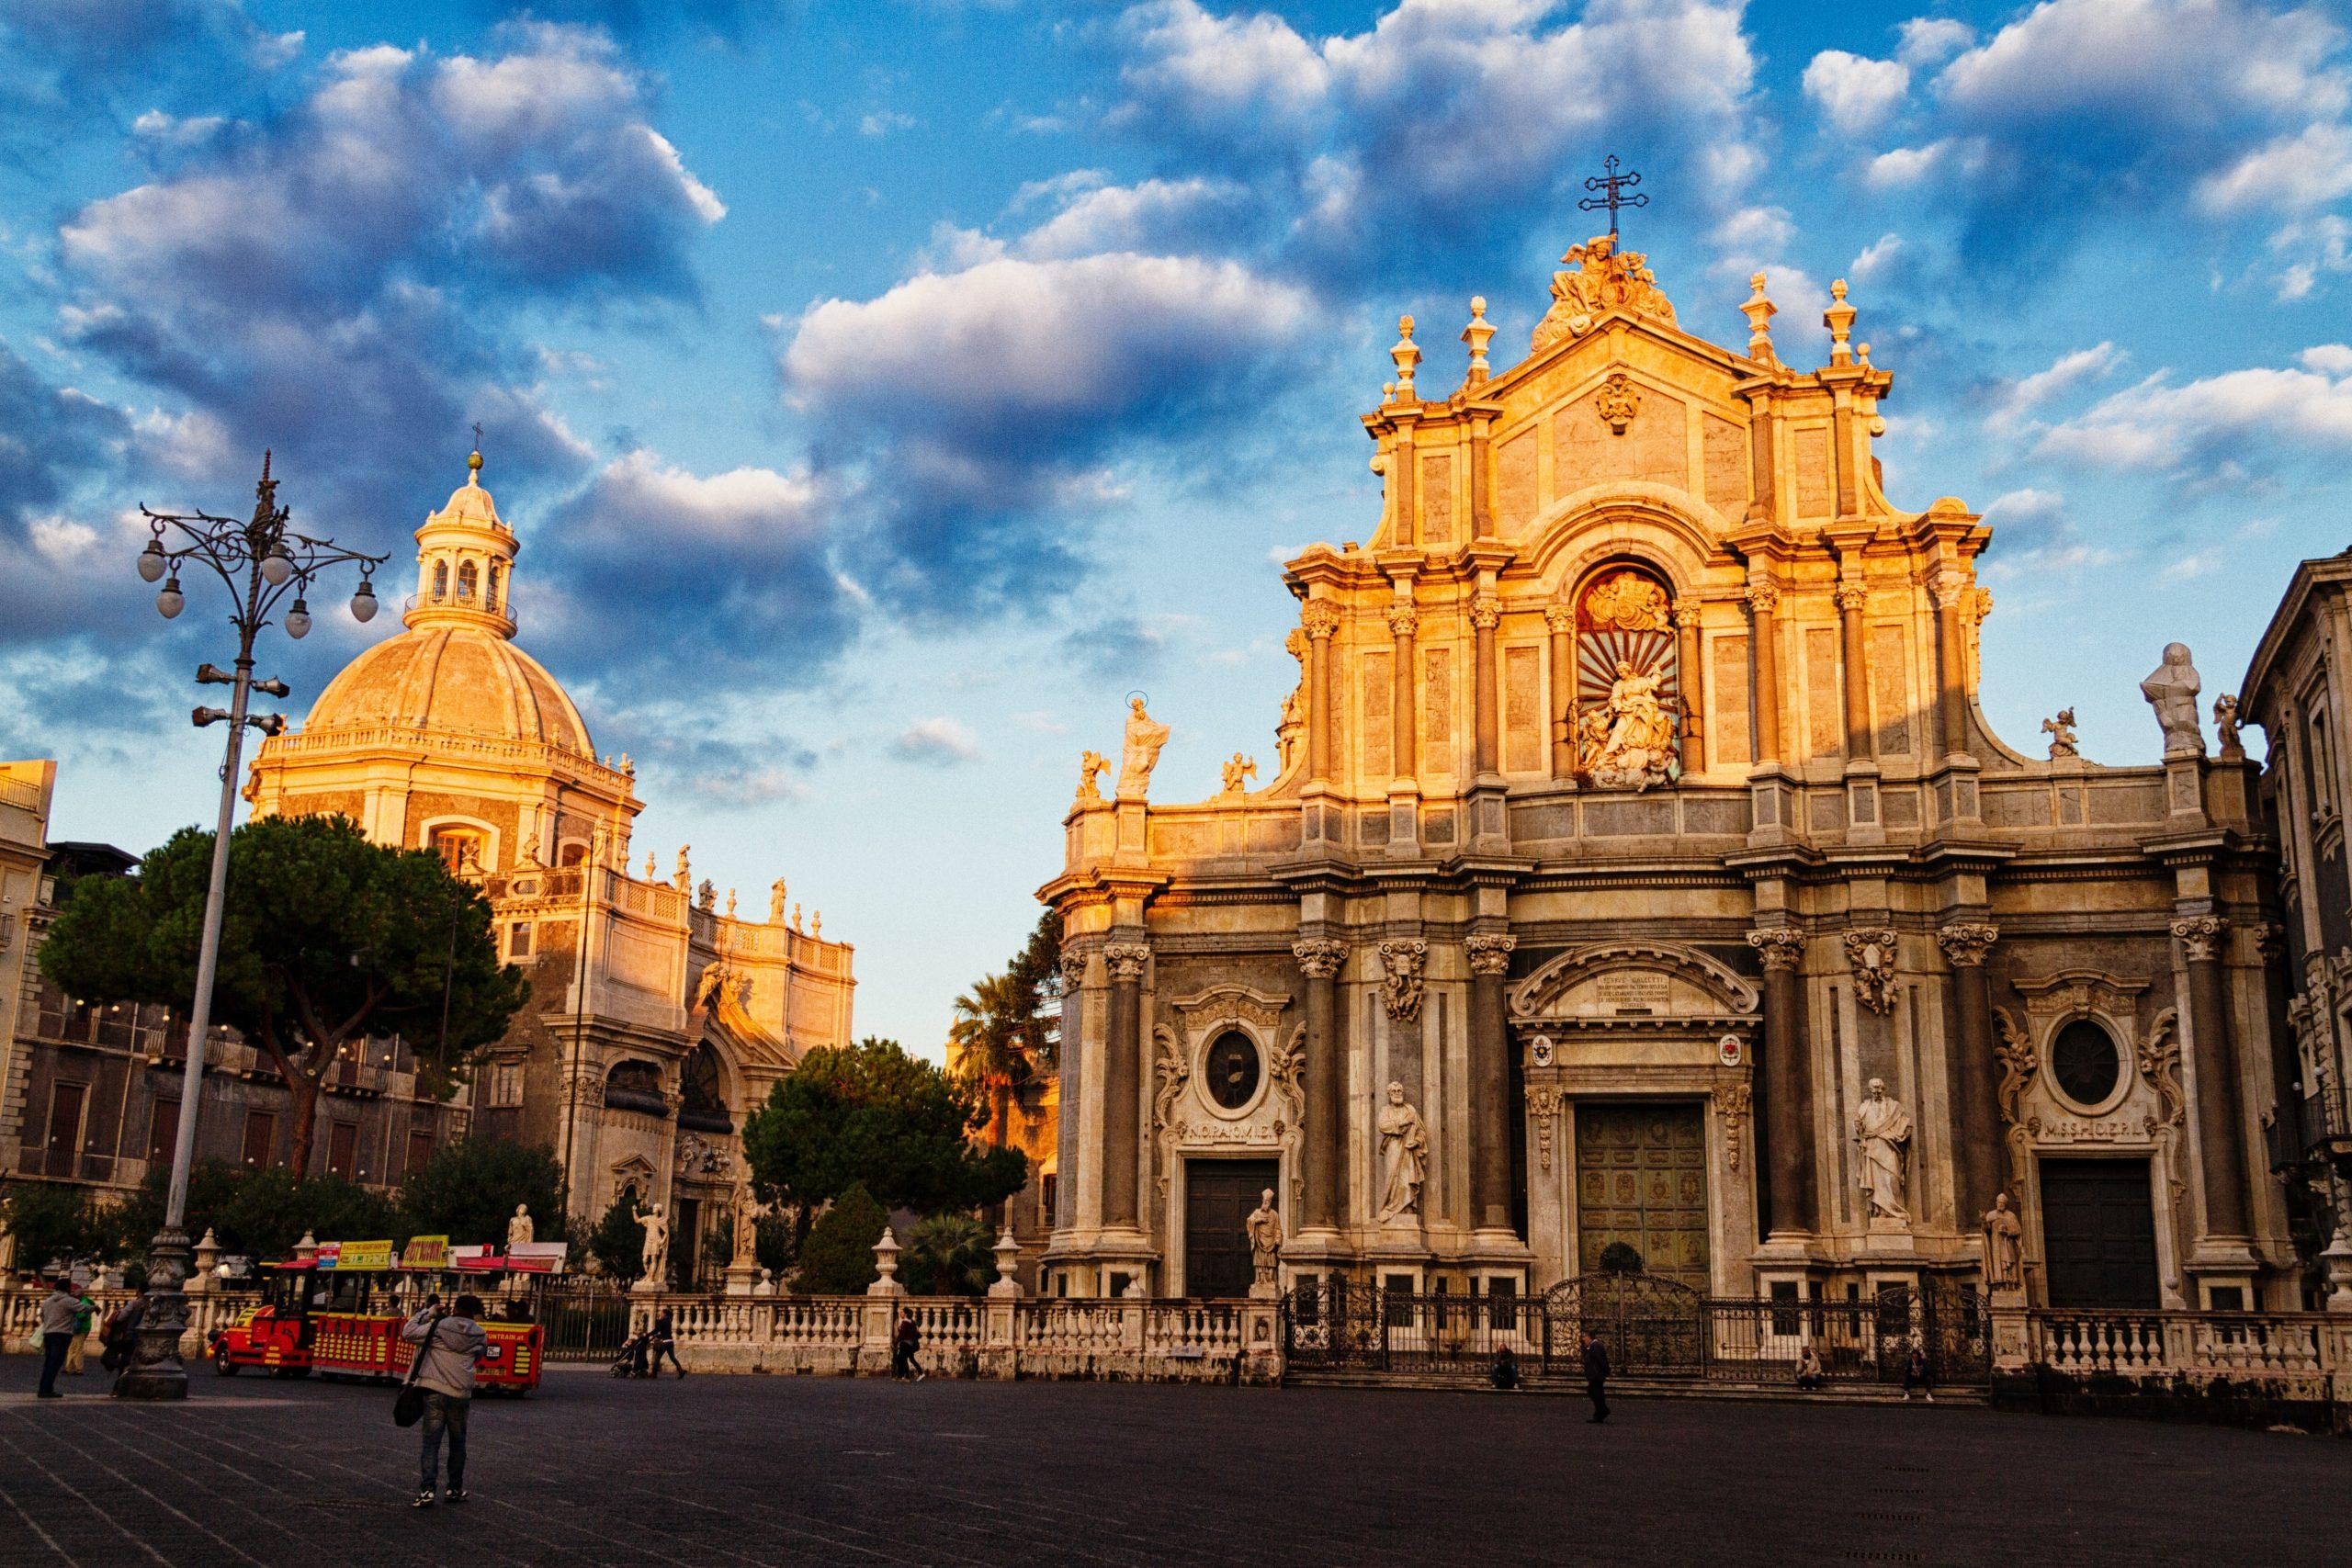 Catania Gay friendly